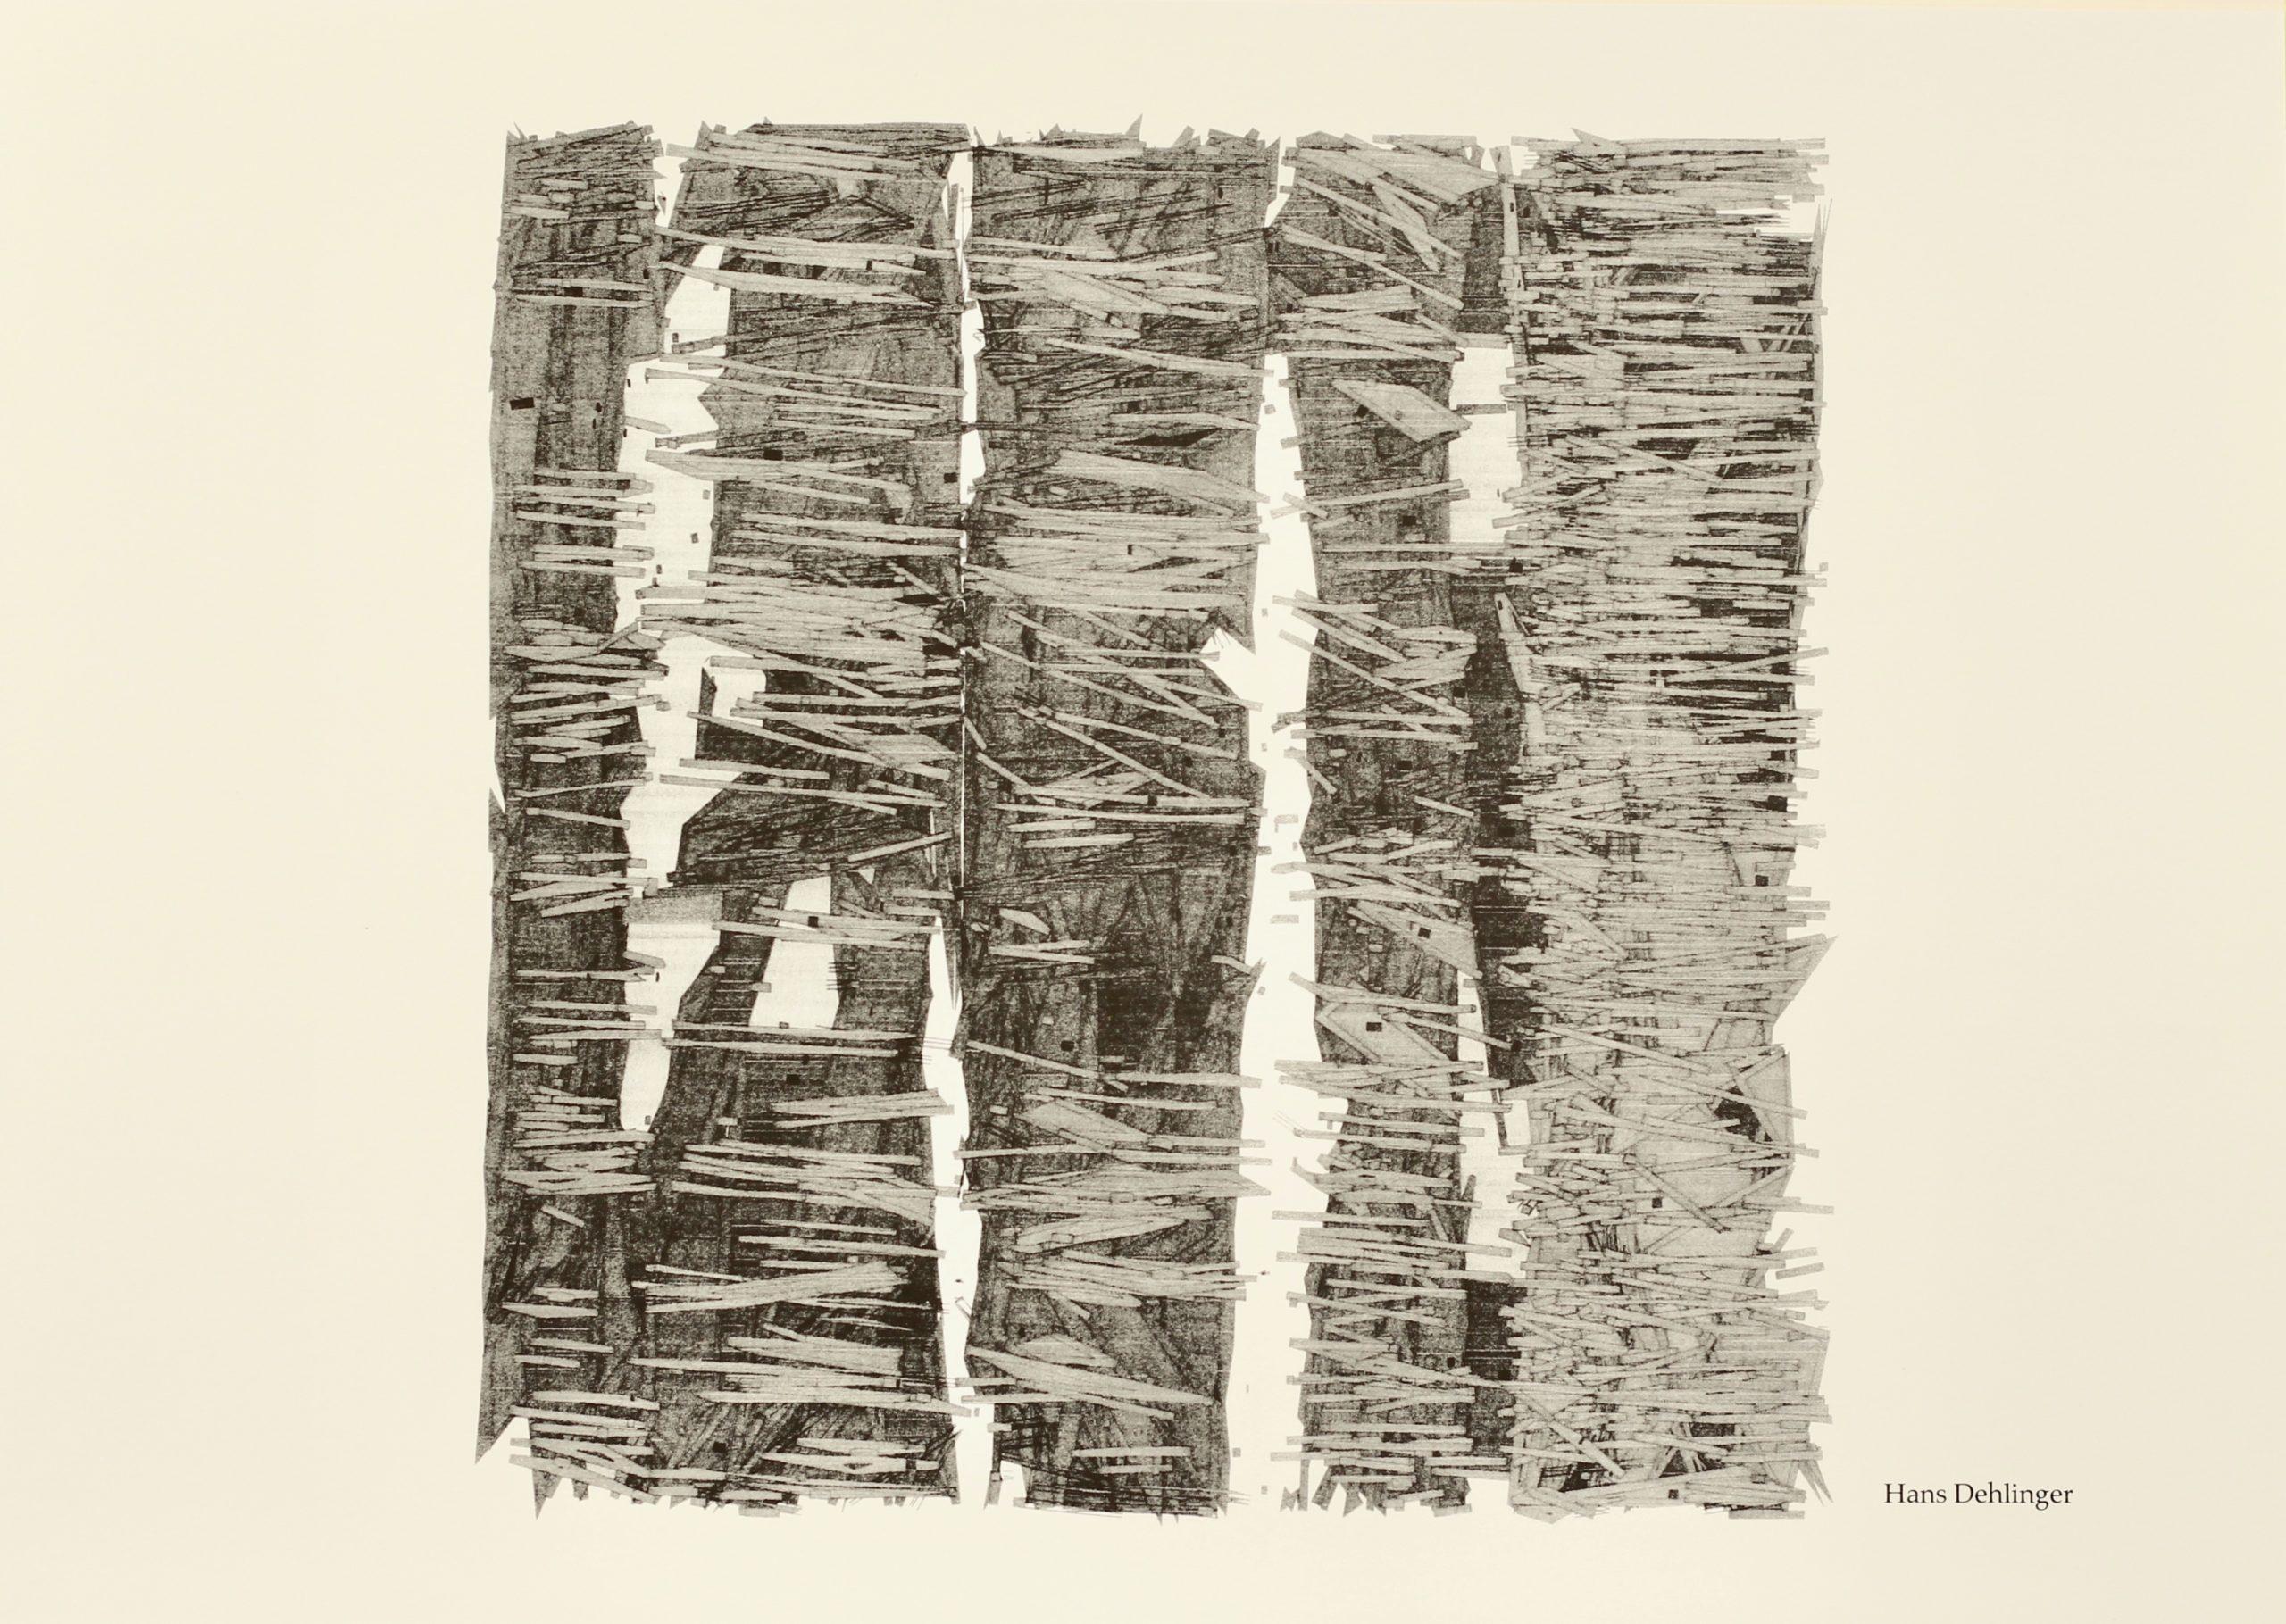 Hans Dehlinger, WUE-LIX-YO5, Hahnemühle Kunstdruck, 29,6 x 42 cm, Auflage von 50, 2007